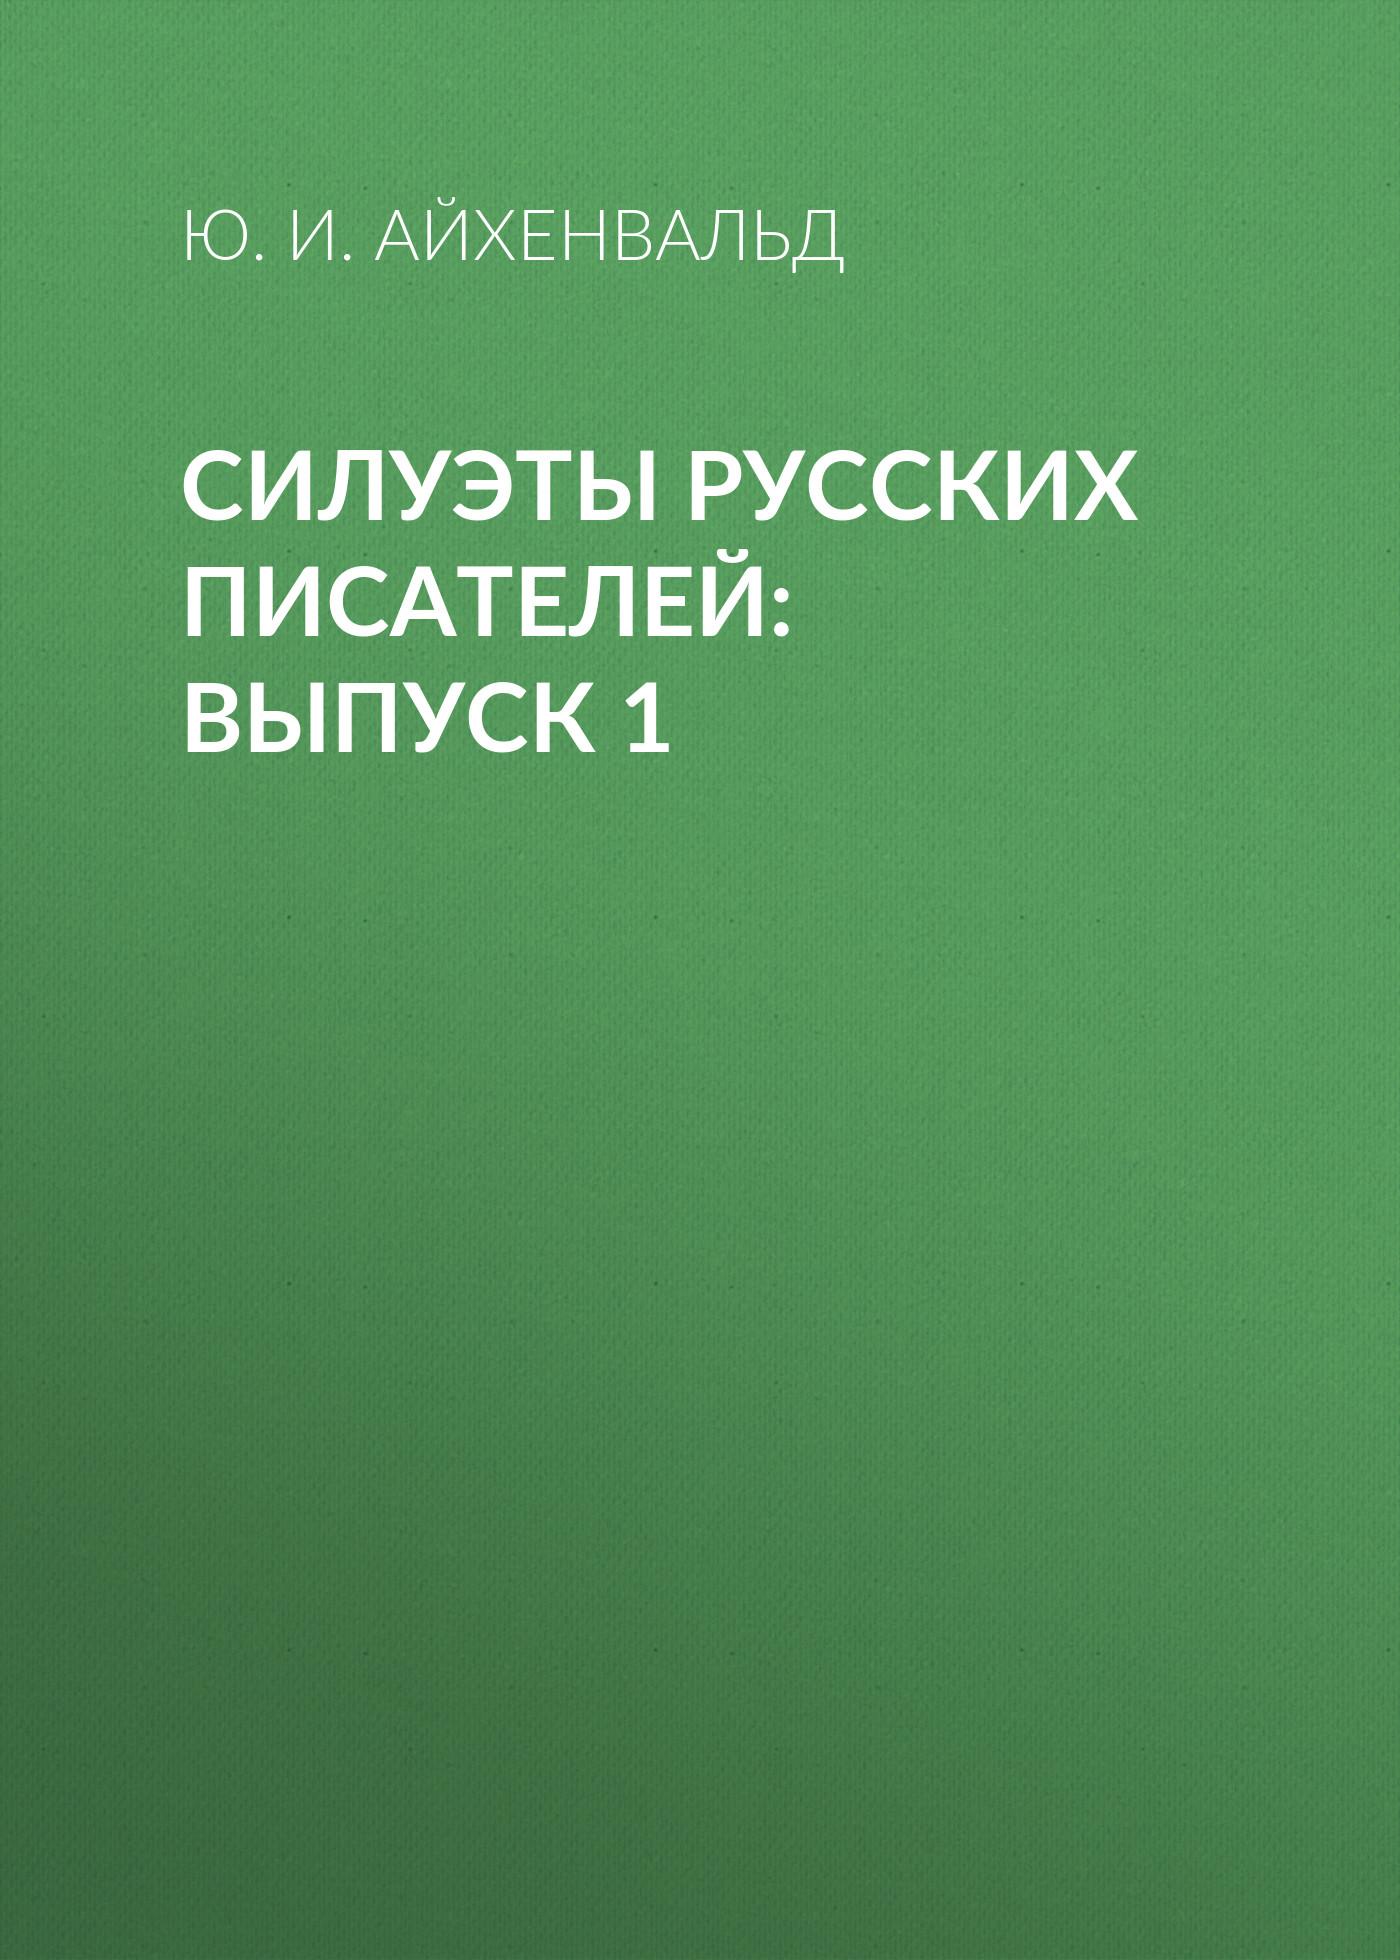 Ю. И. Айхенвальд Силуэты русских писателей: Выпуск 1 стоимость